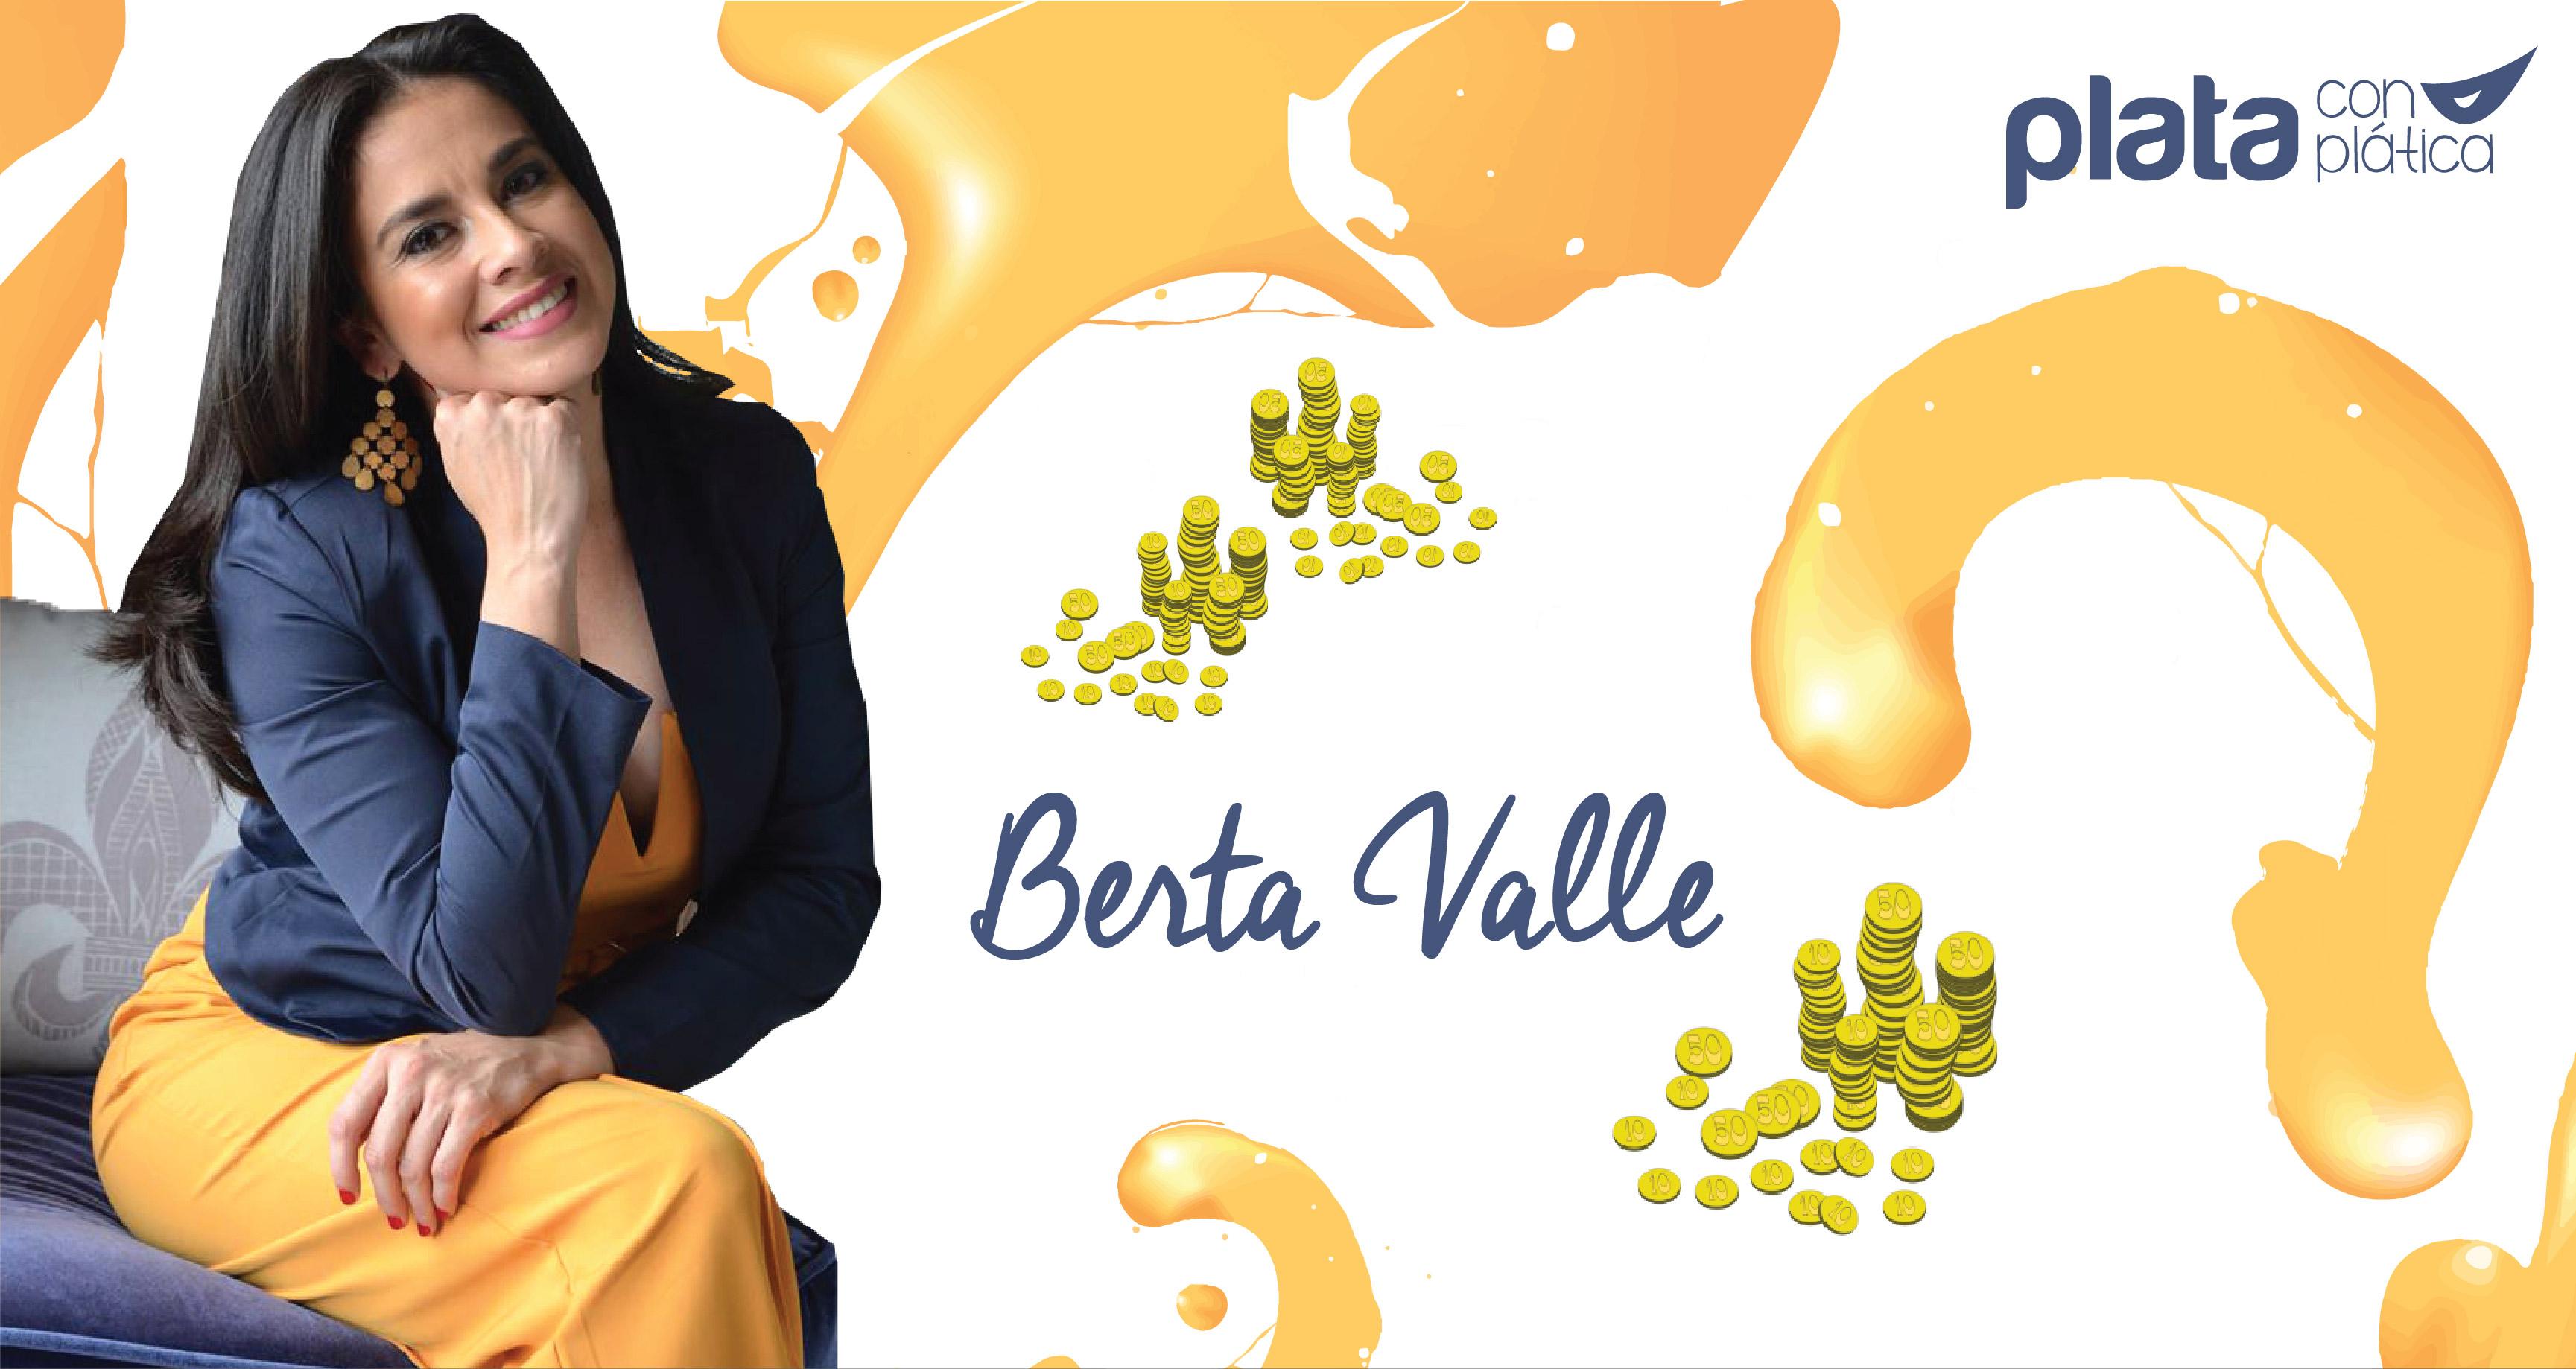 berta-valle-plata-con-platica